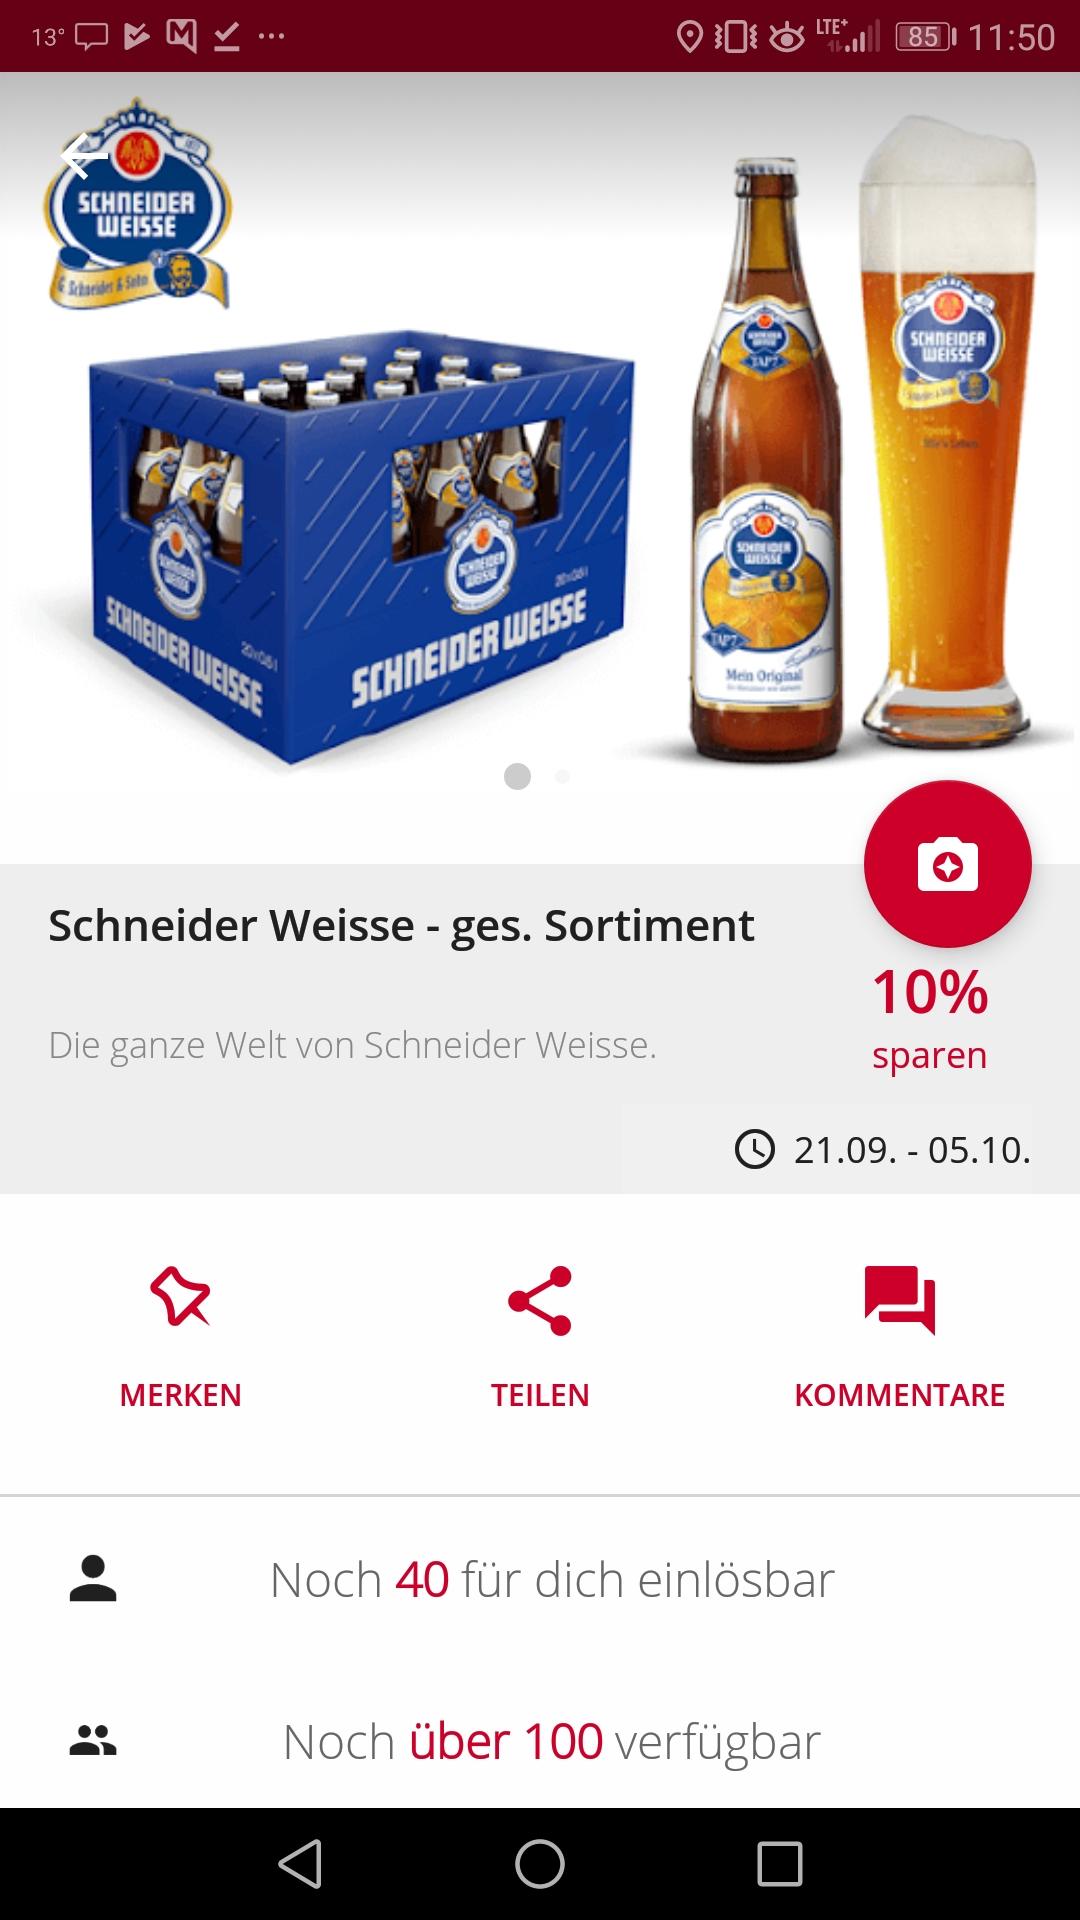 [ orterer getränkemärkte Bayern] 20x 0,5l Kiste Schneider Weisse für 13.99€+1,40€ scondoo Cashback